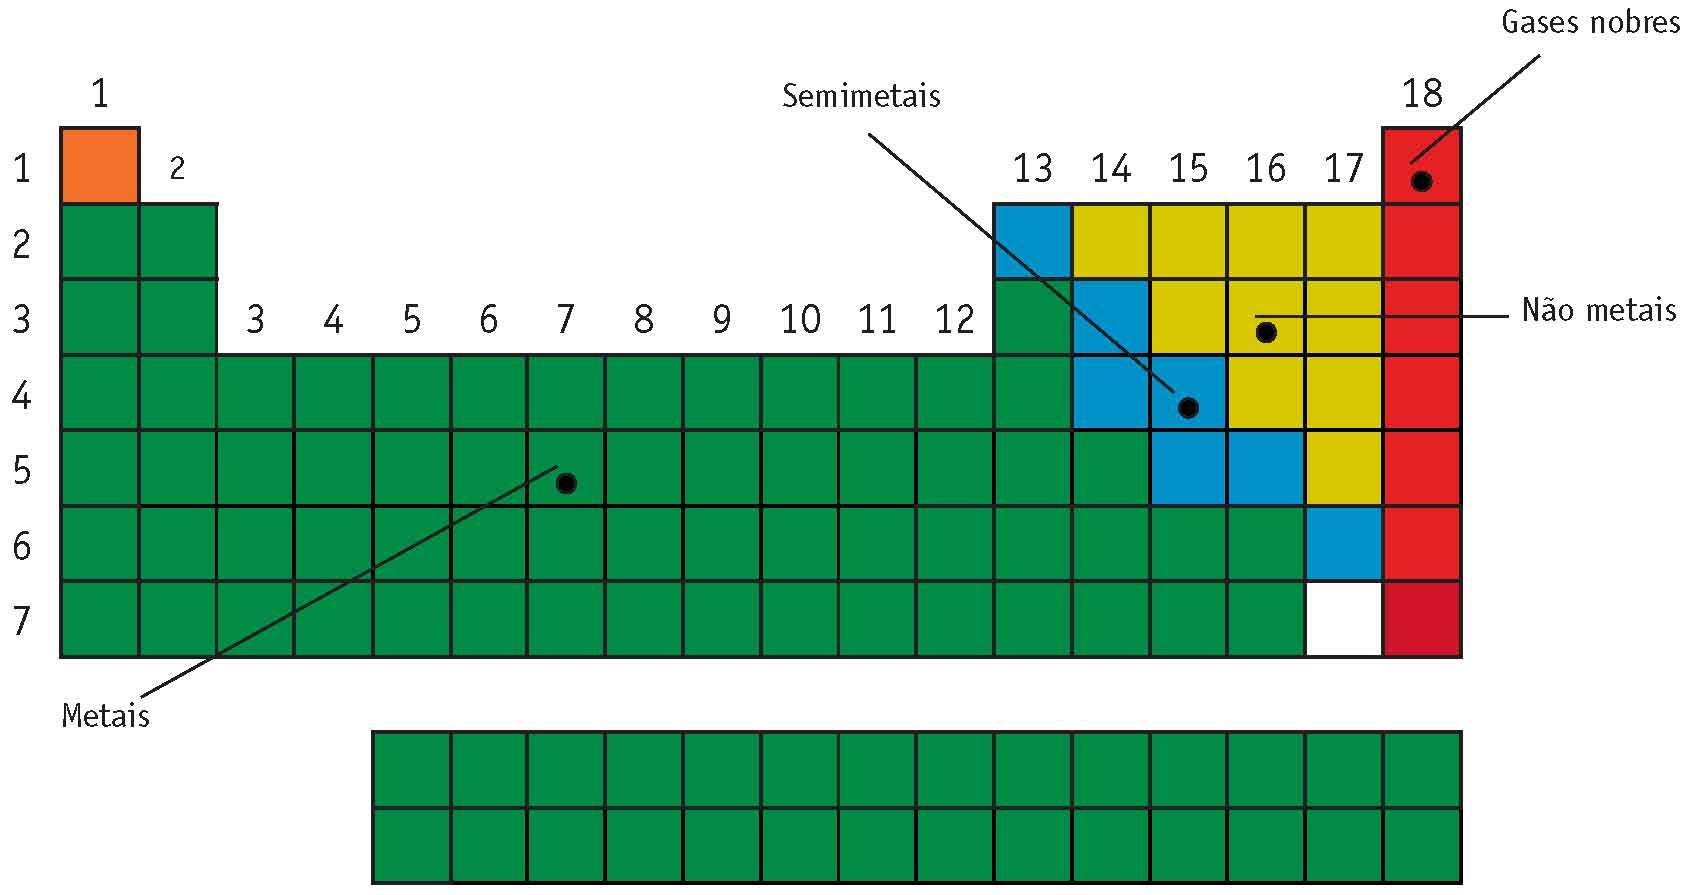 Metais, semimetais, não metais e gases nobres